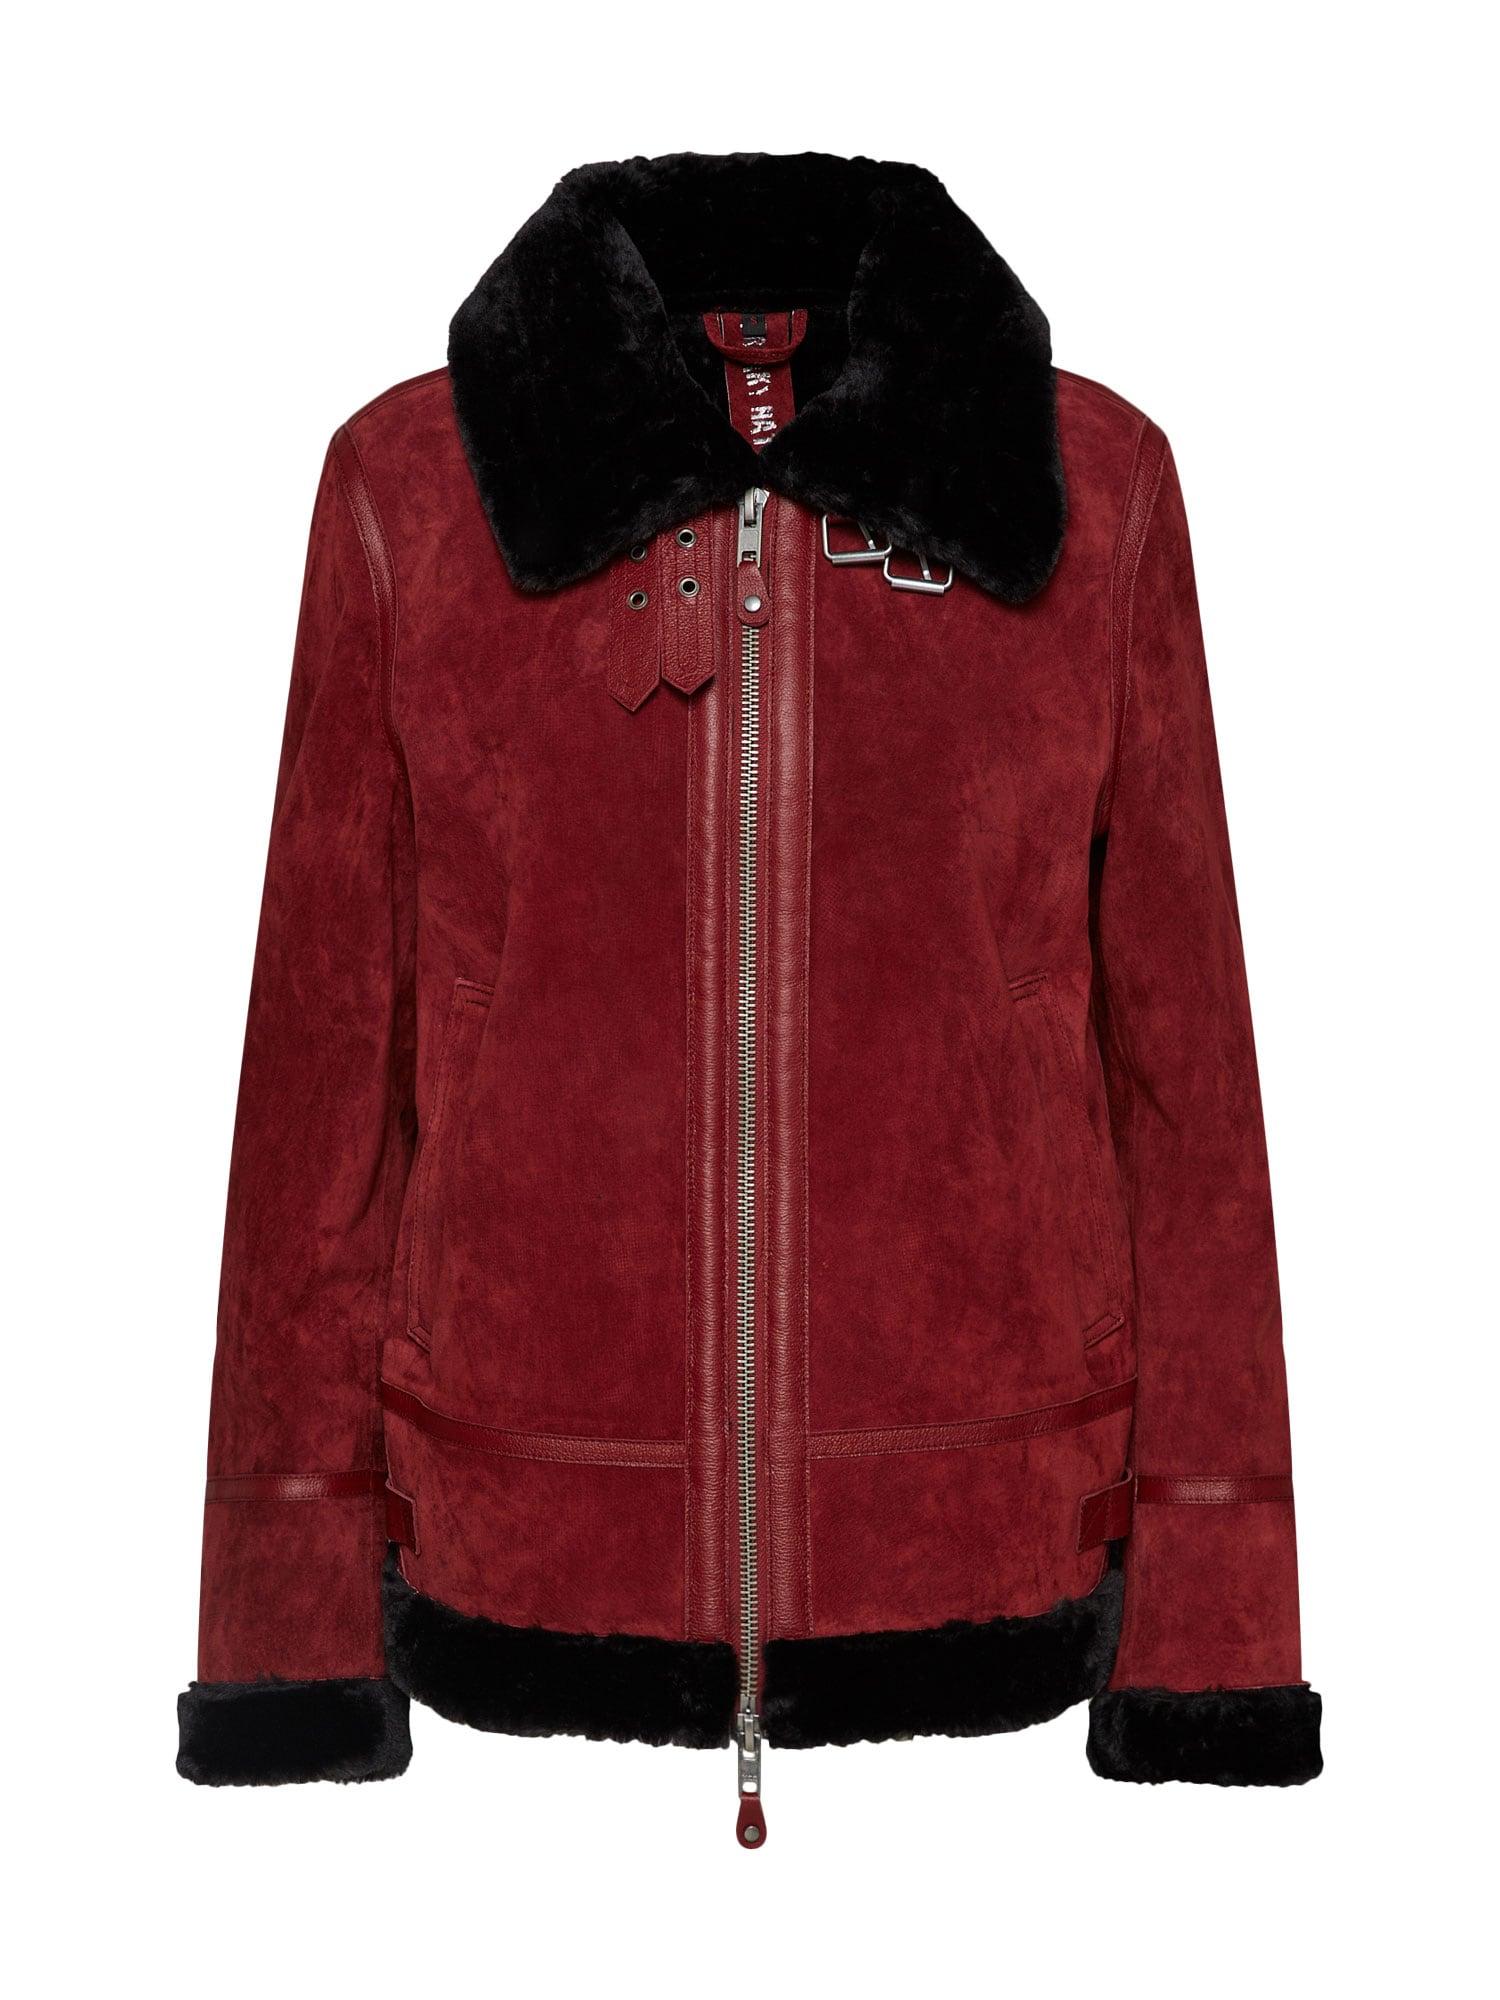 Zimní bunda Samira bordó černá FREAKY NATION